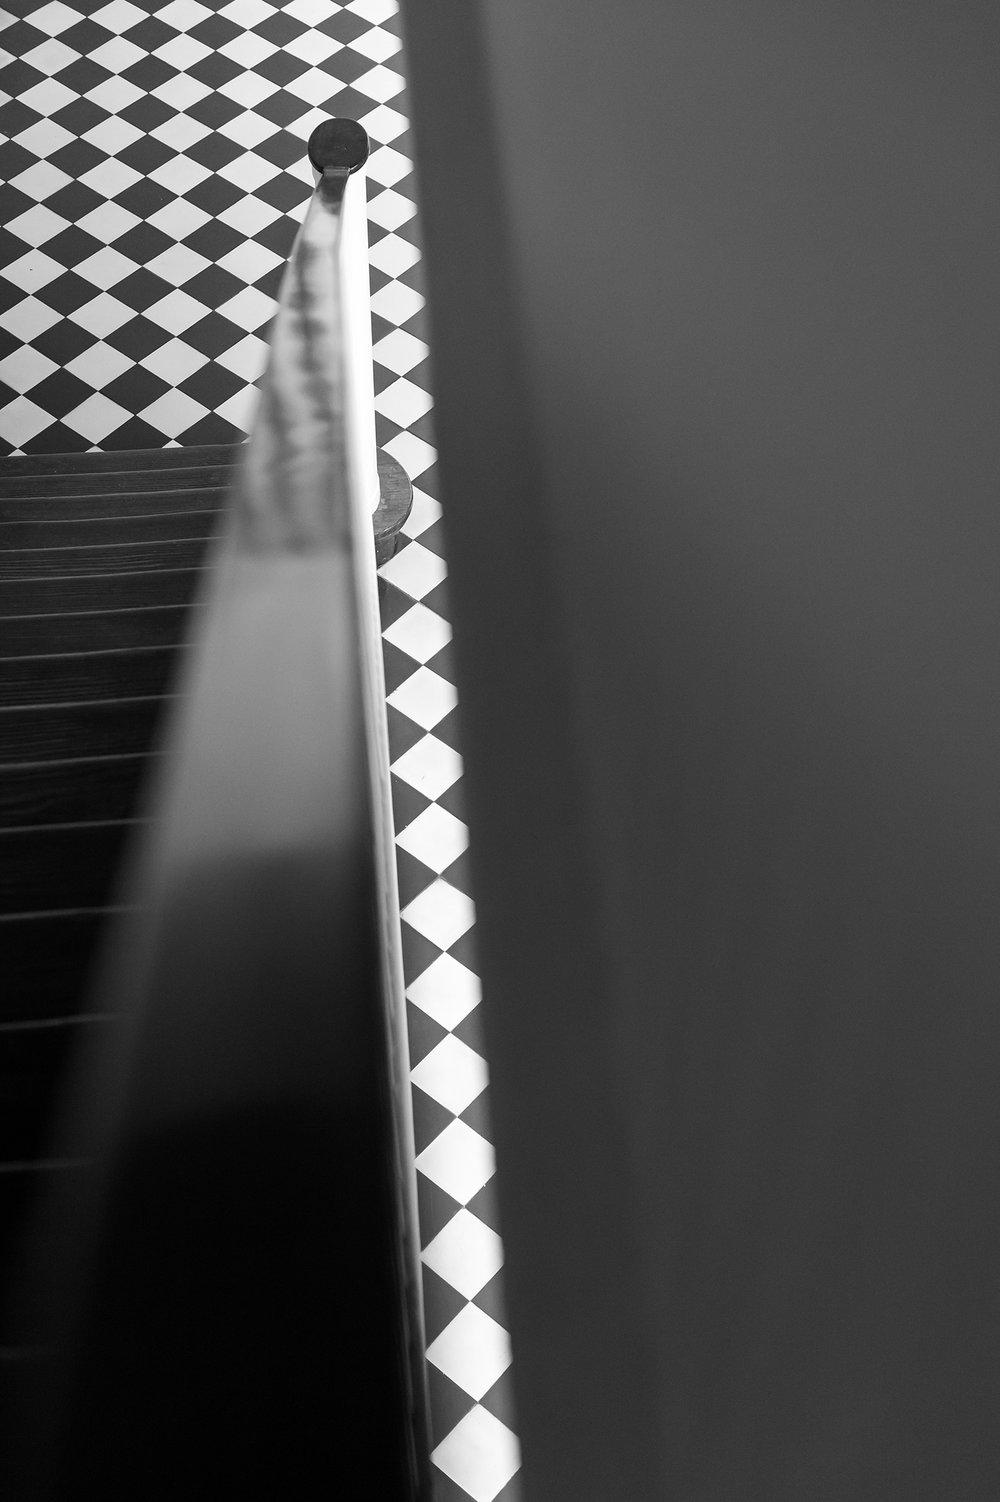 bettina-conradi-foto-architektur1.jpg